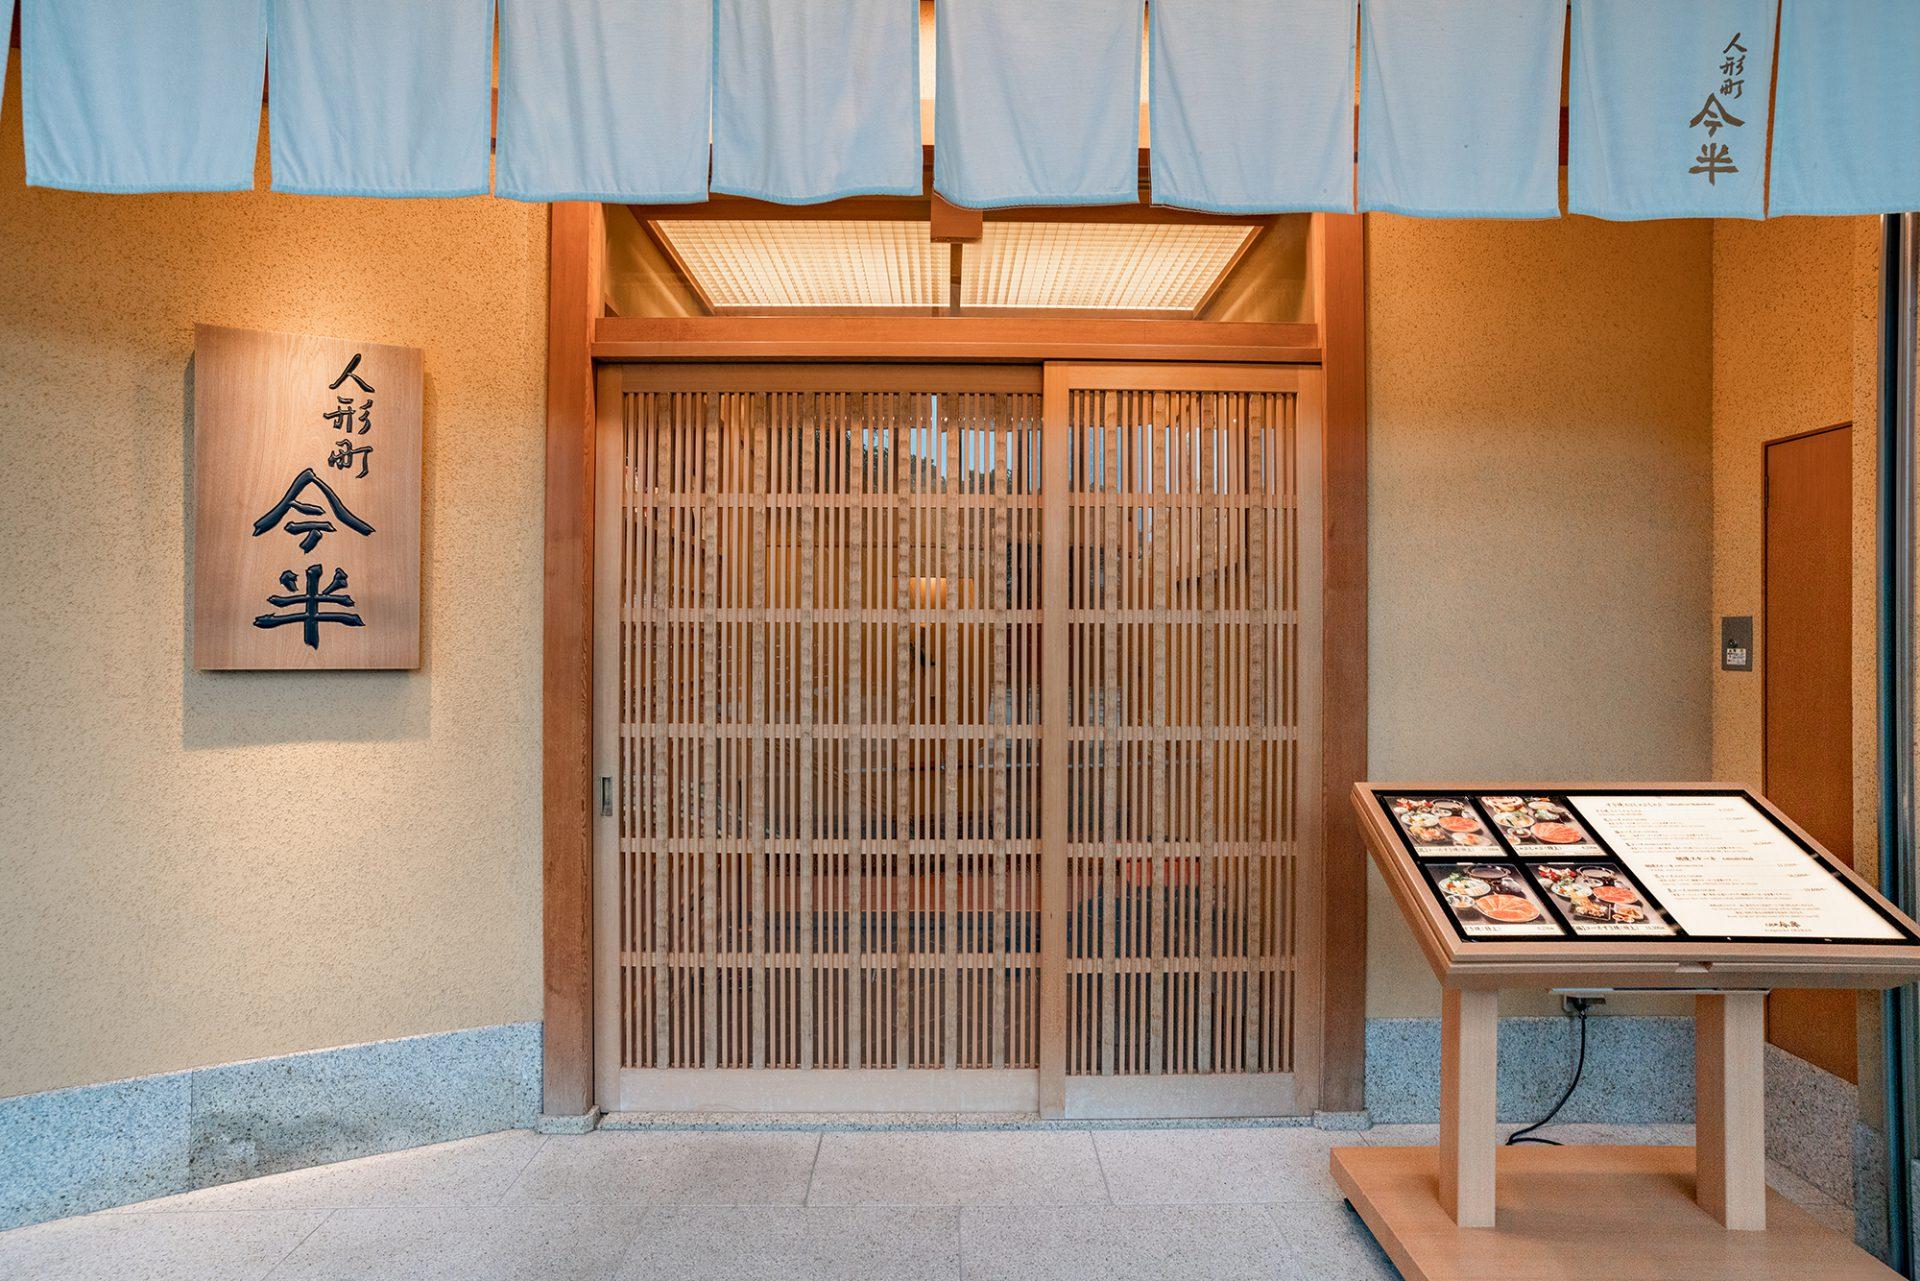 東京ガーデンテラス紀尾井町店